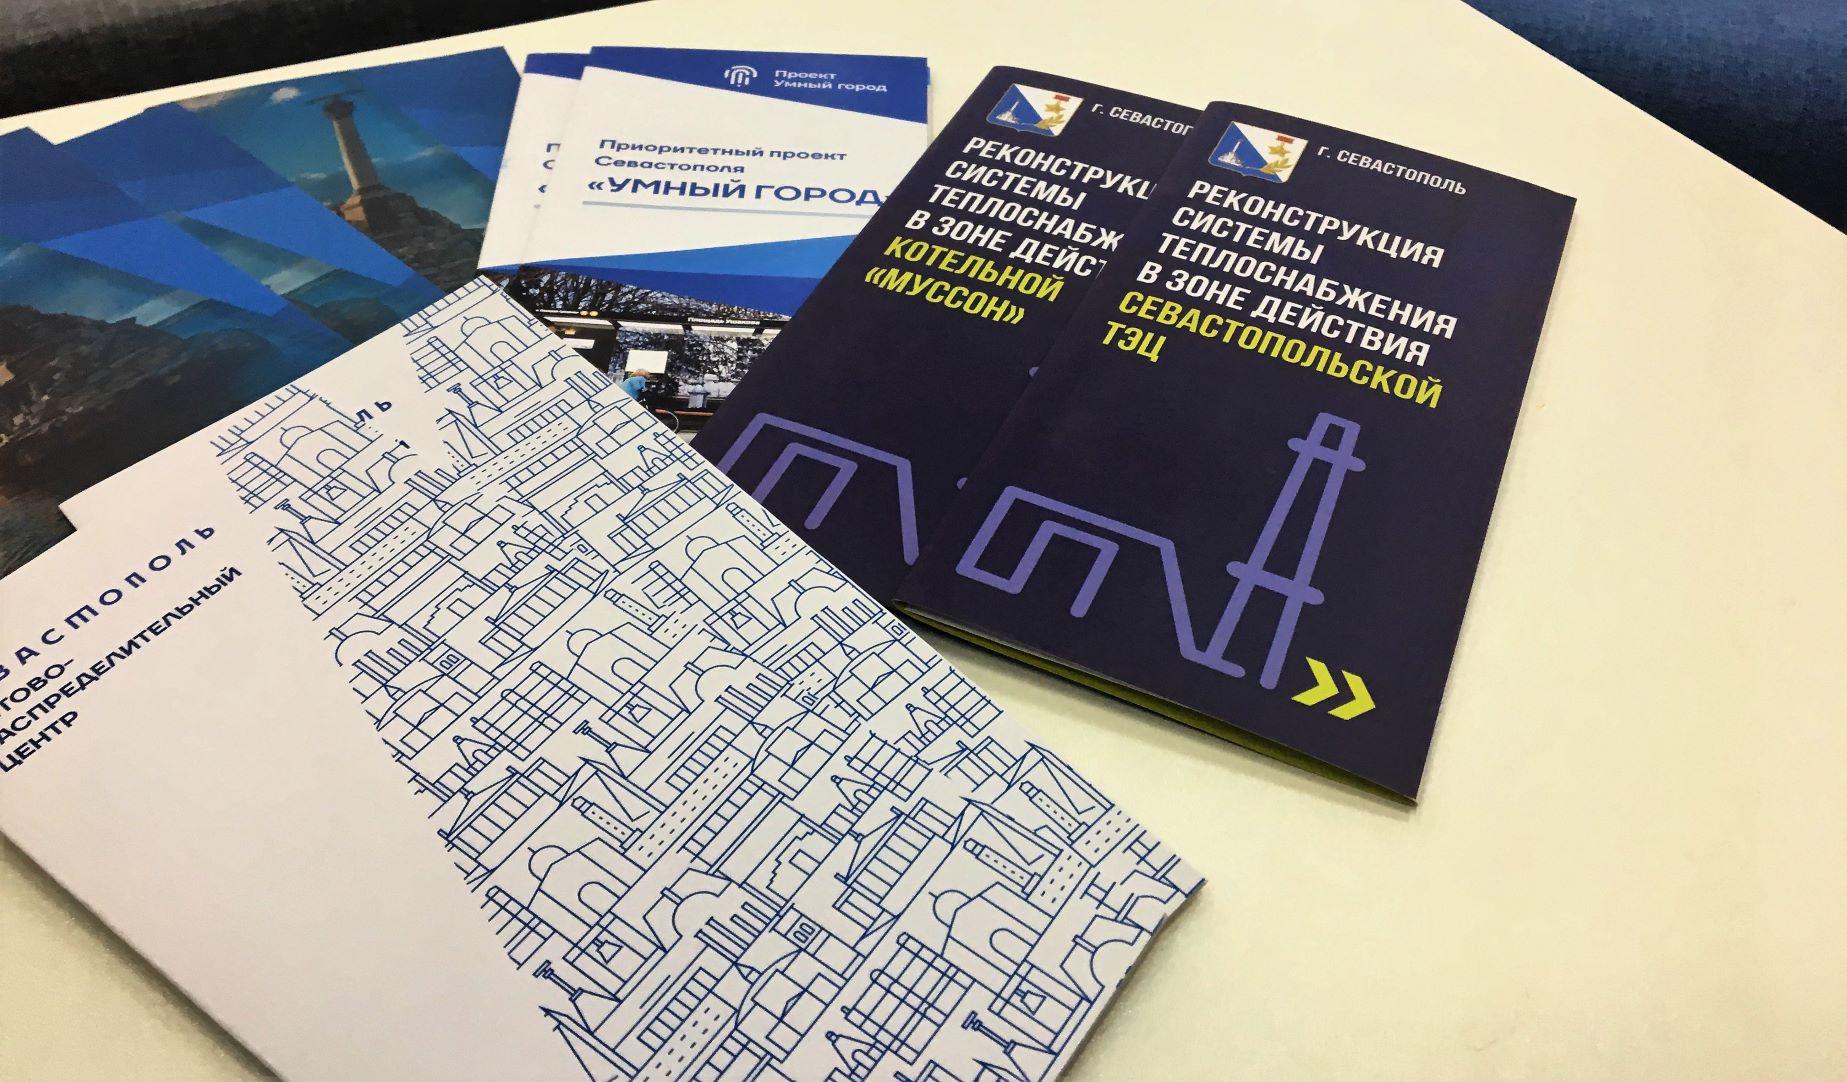 Представленные на инвестфоруме в Сочи проекты реконструкции объектов теплоснабжения г. Севастополя привлекли внимание крупных инвесторов